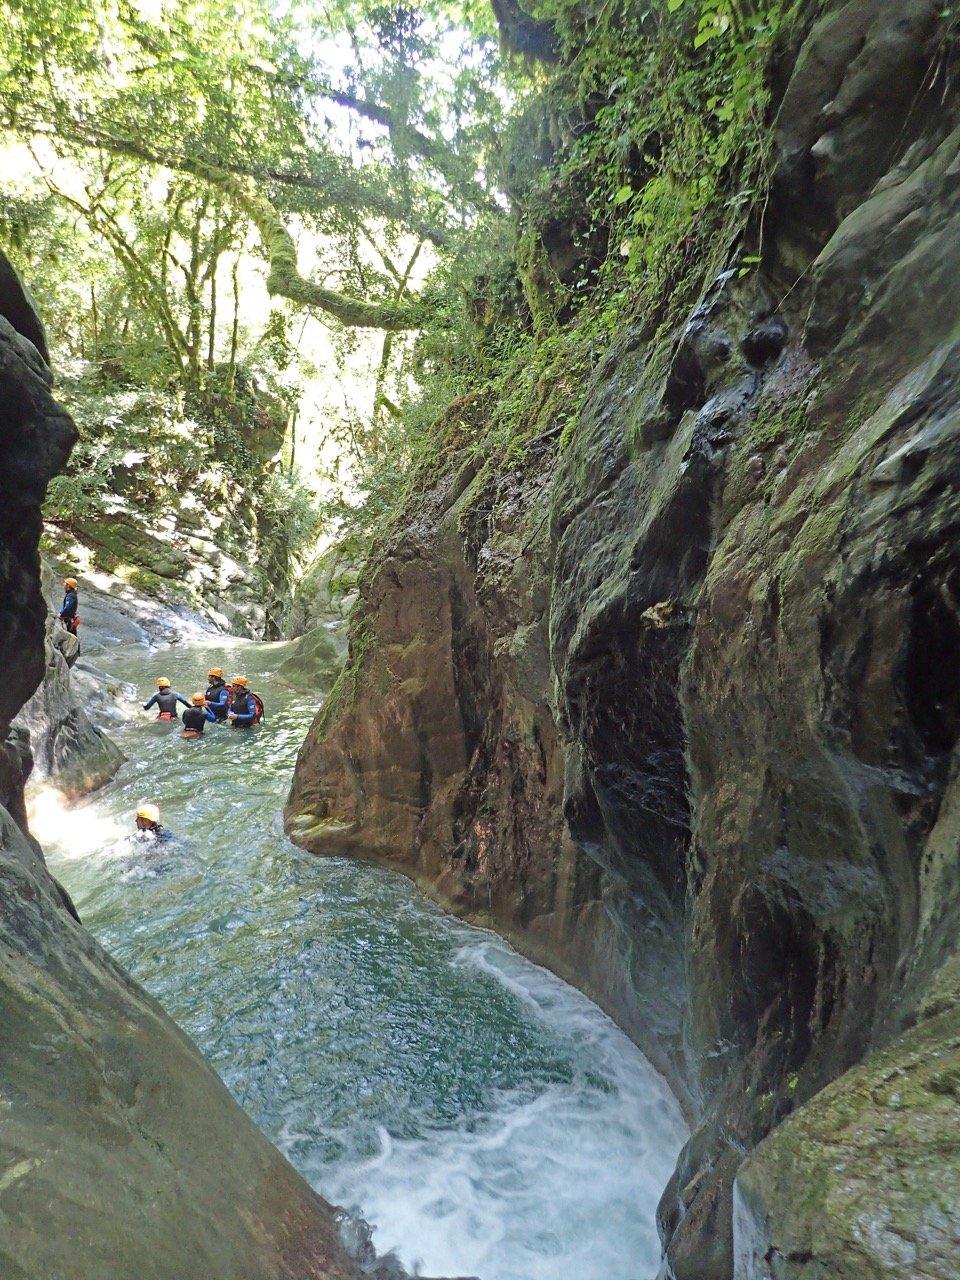 Piscine naturelle dans le canyon de la Maglia.